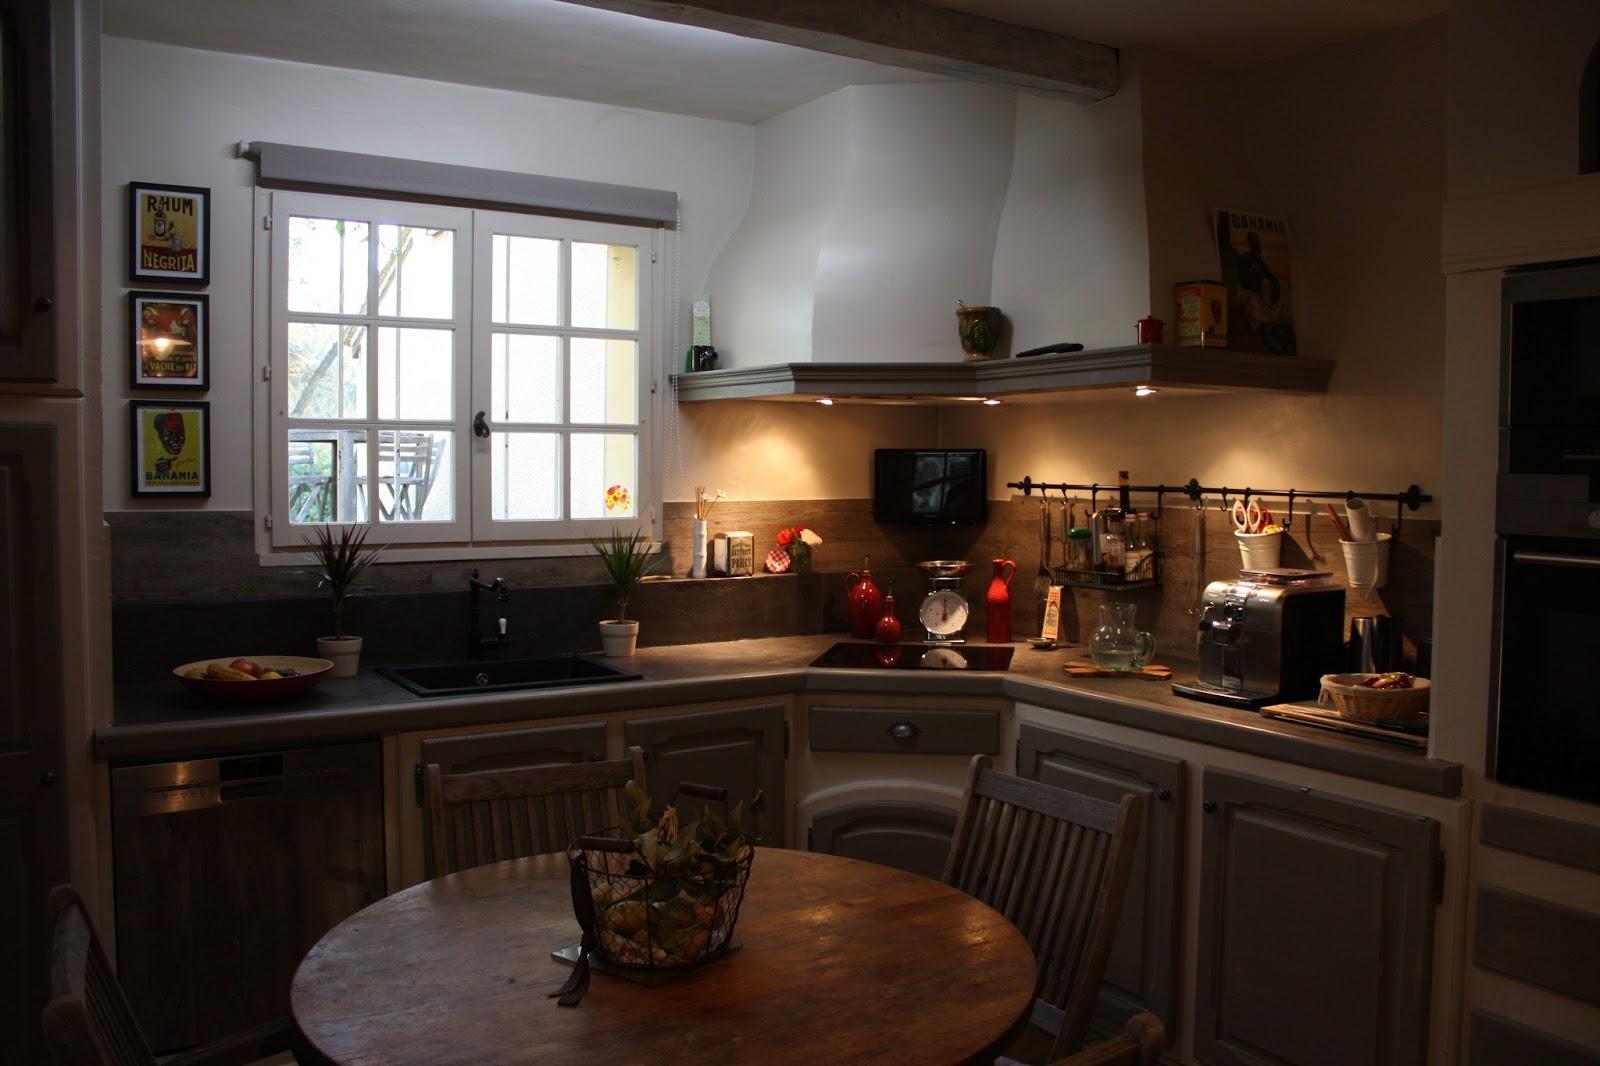 changement de d cors cuisine plan de travail et cr dence. Black Bedroom Furniture Sets. Home Design Ideas